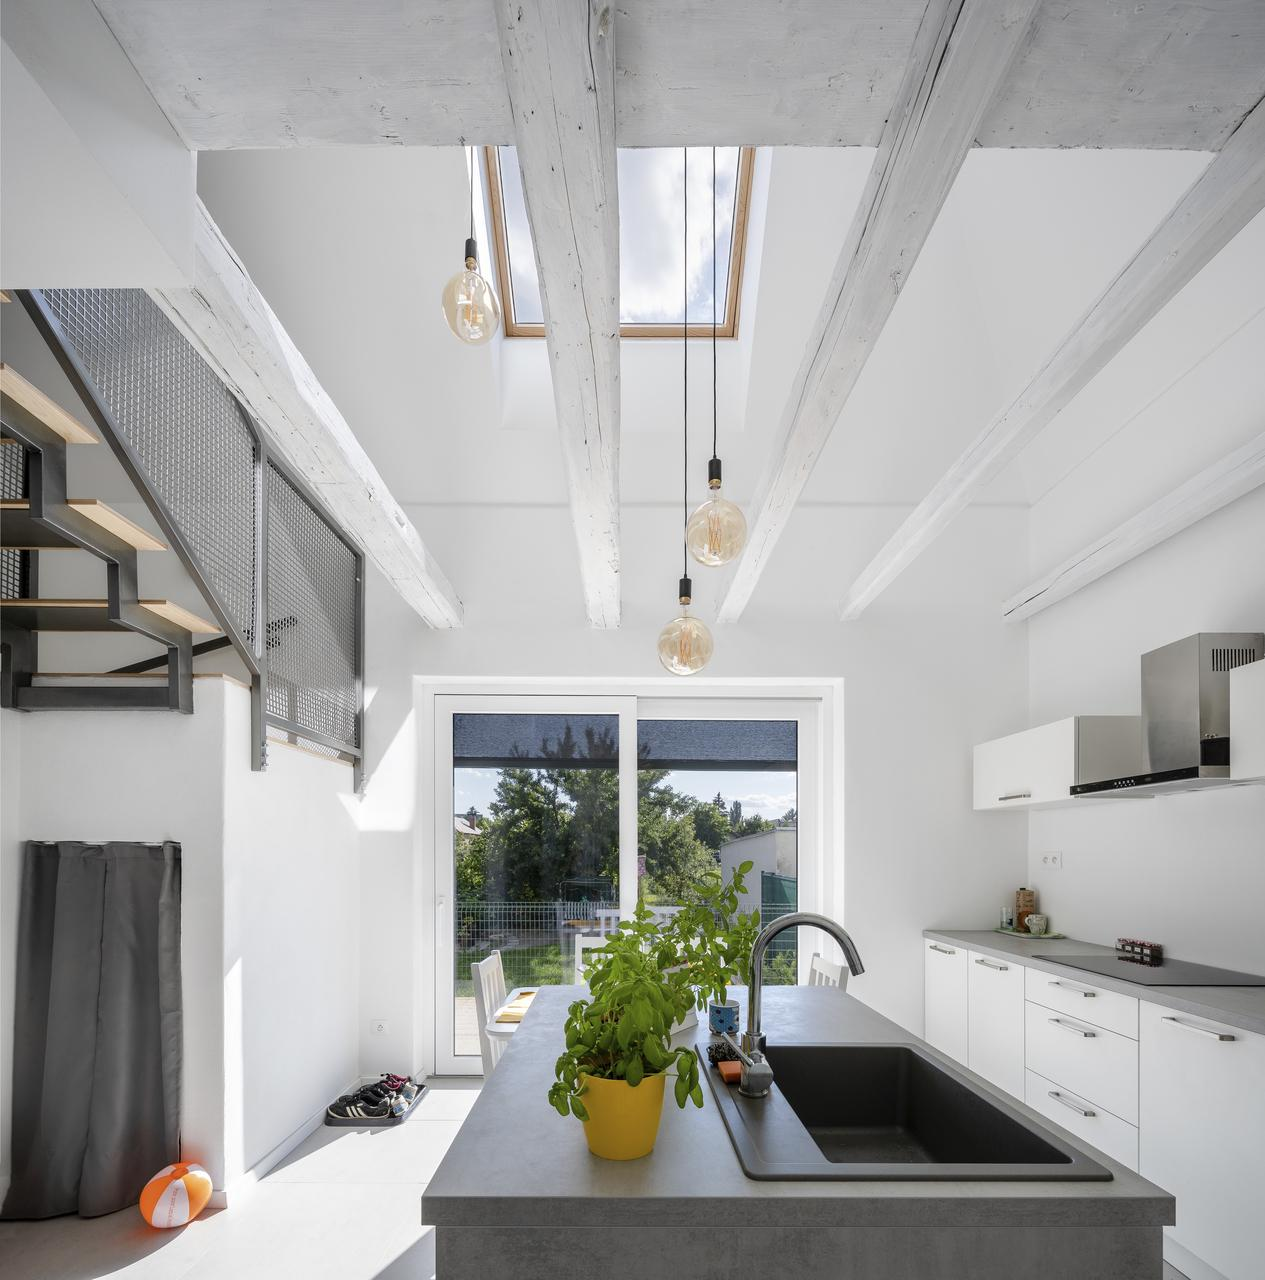 Дизайн интерьера кухни и столовой на мансардном этаже: фото #0102 Дизайн интерьера кухни и столовой на мансарде 100+ фото